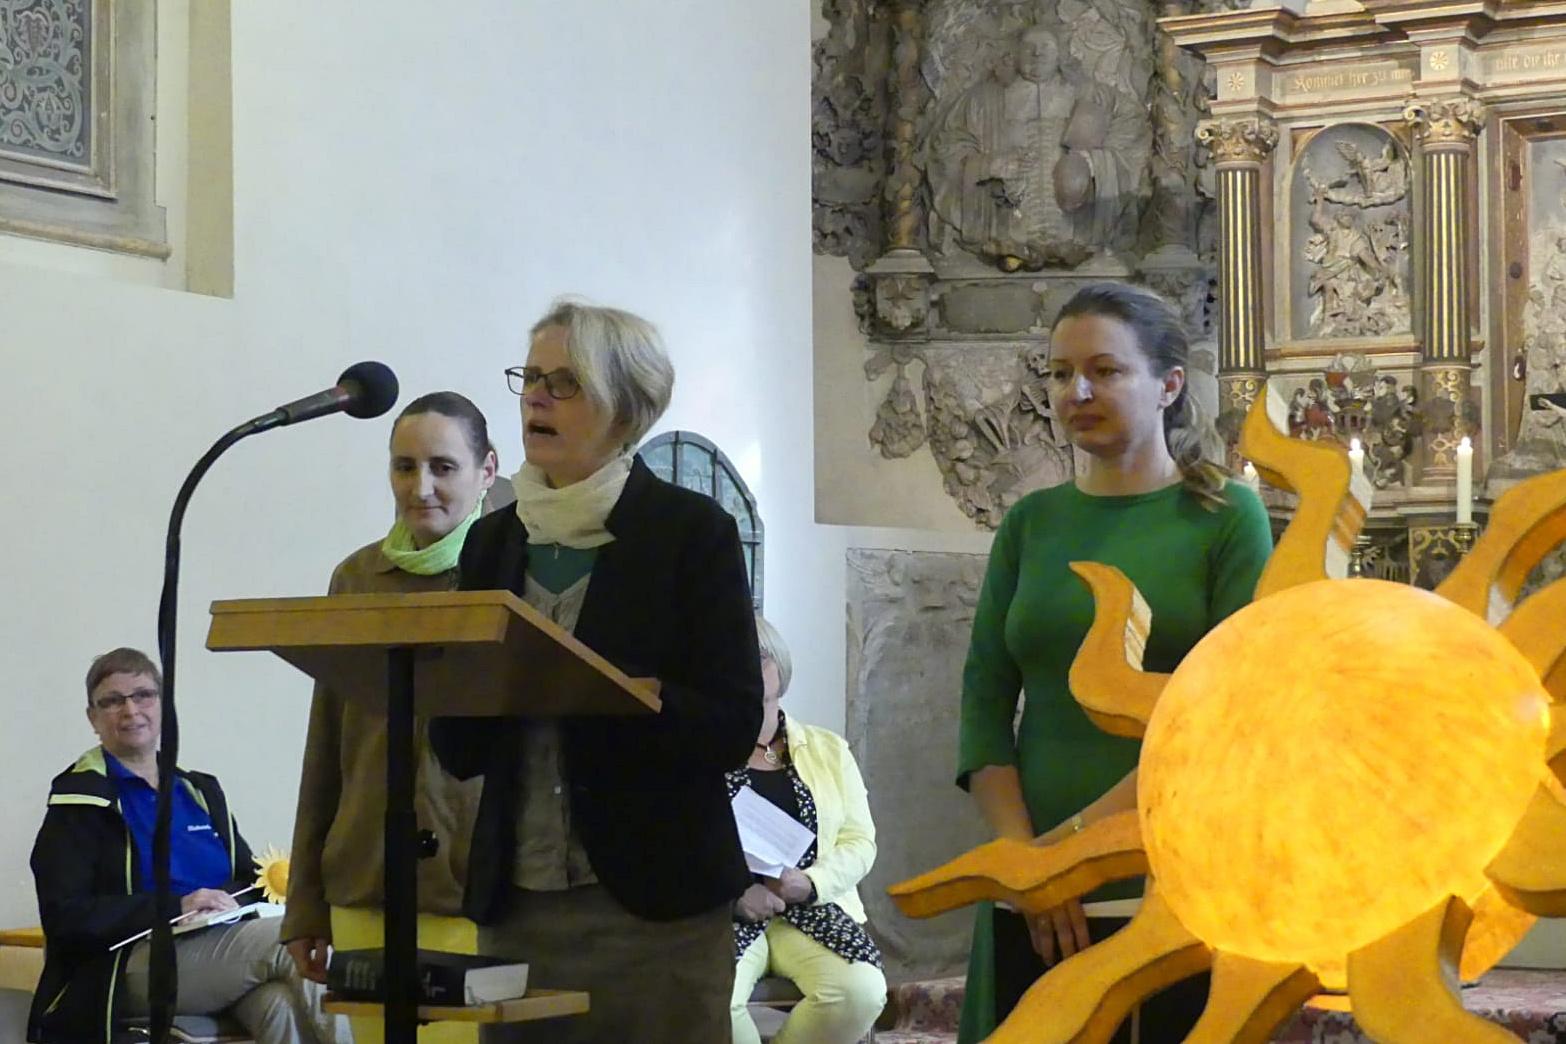 Drei Frauen stehen am Pult und sprechen